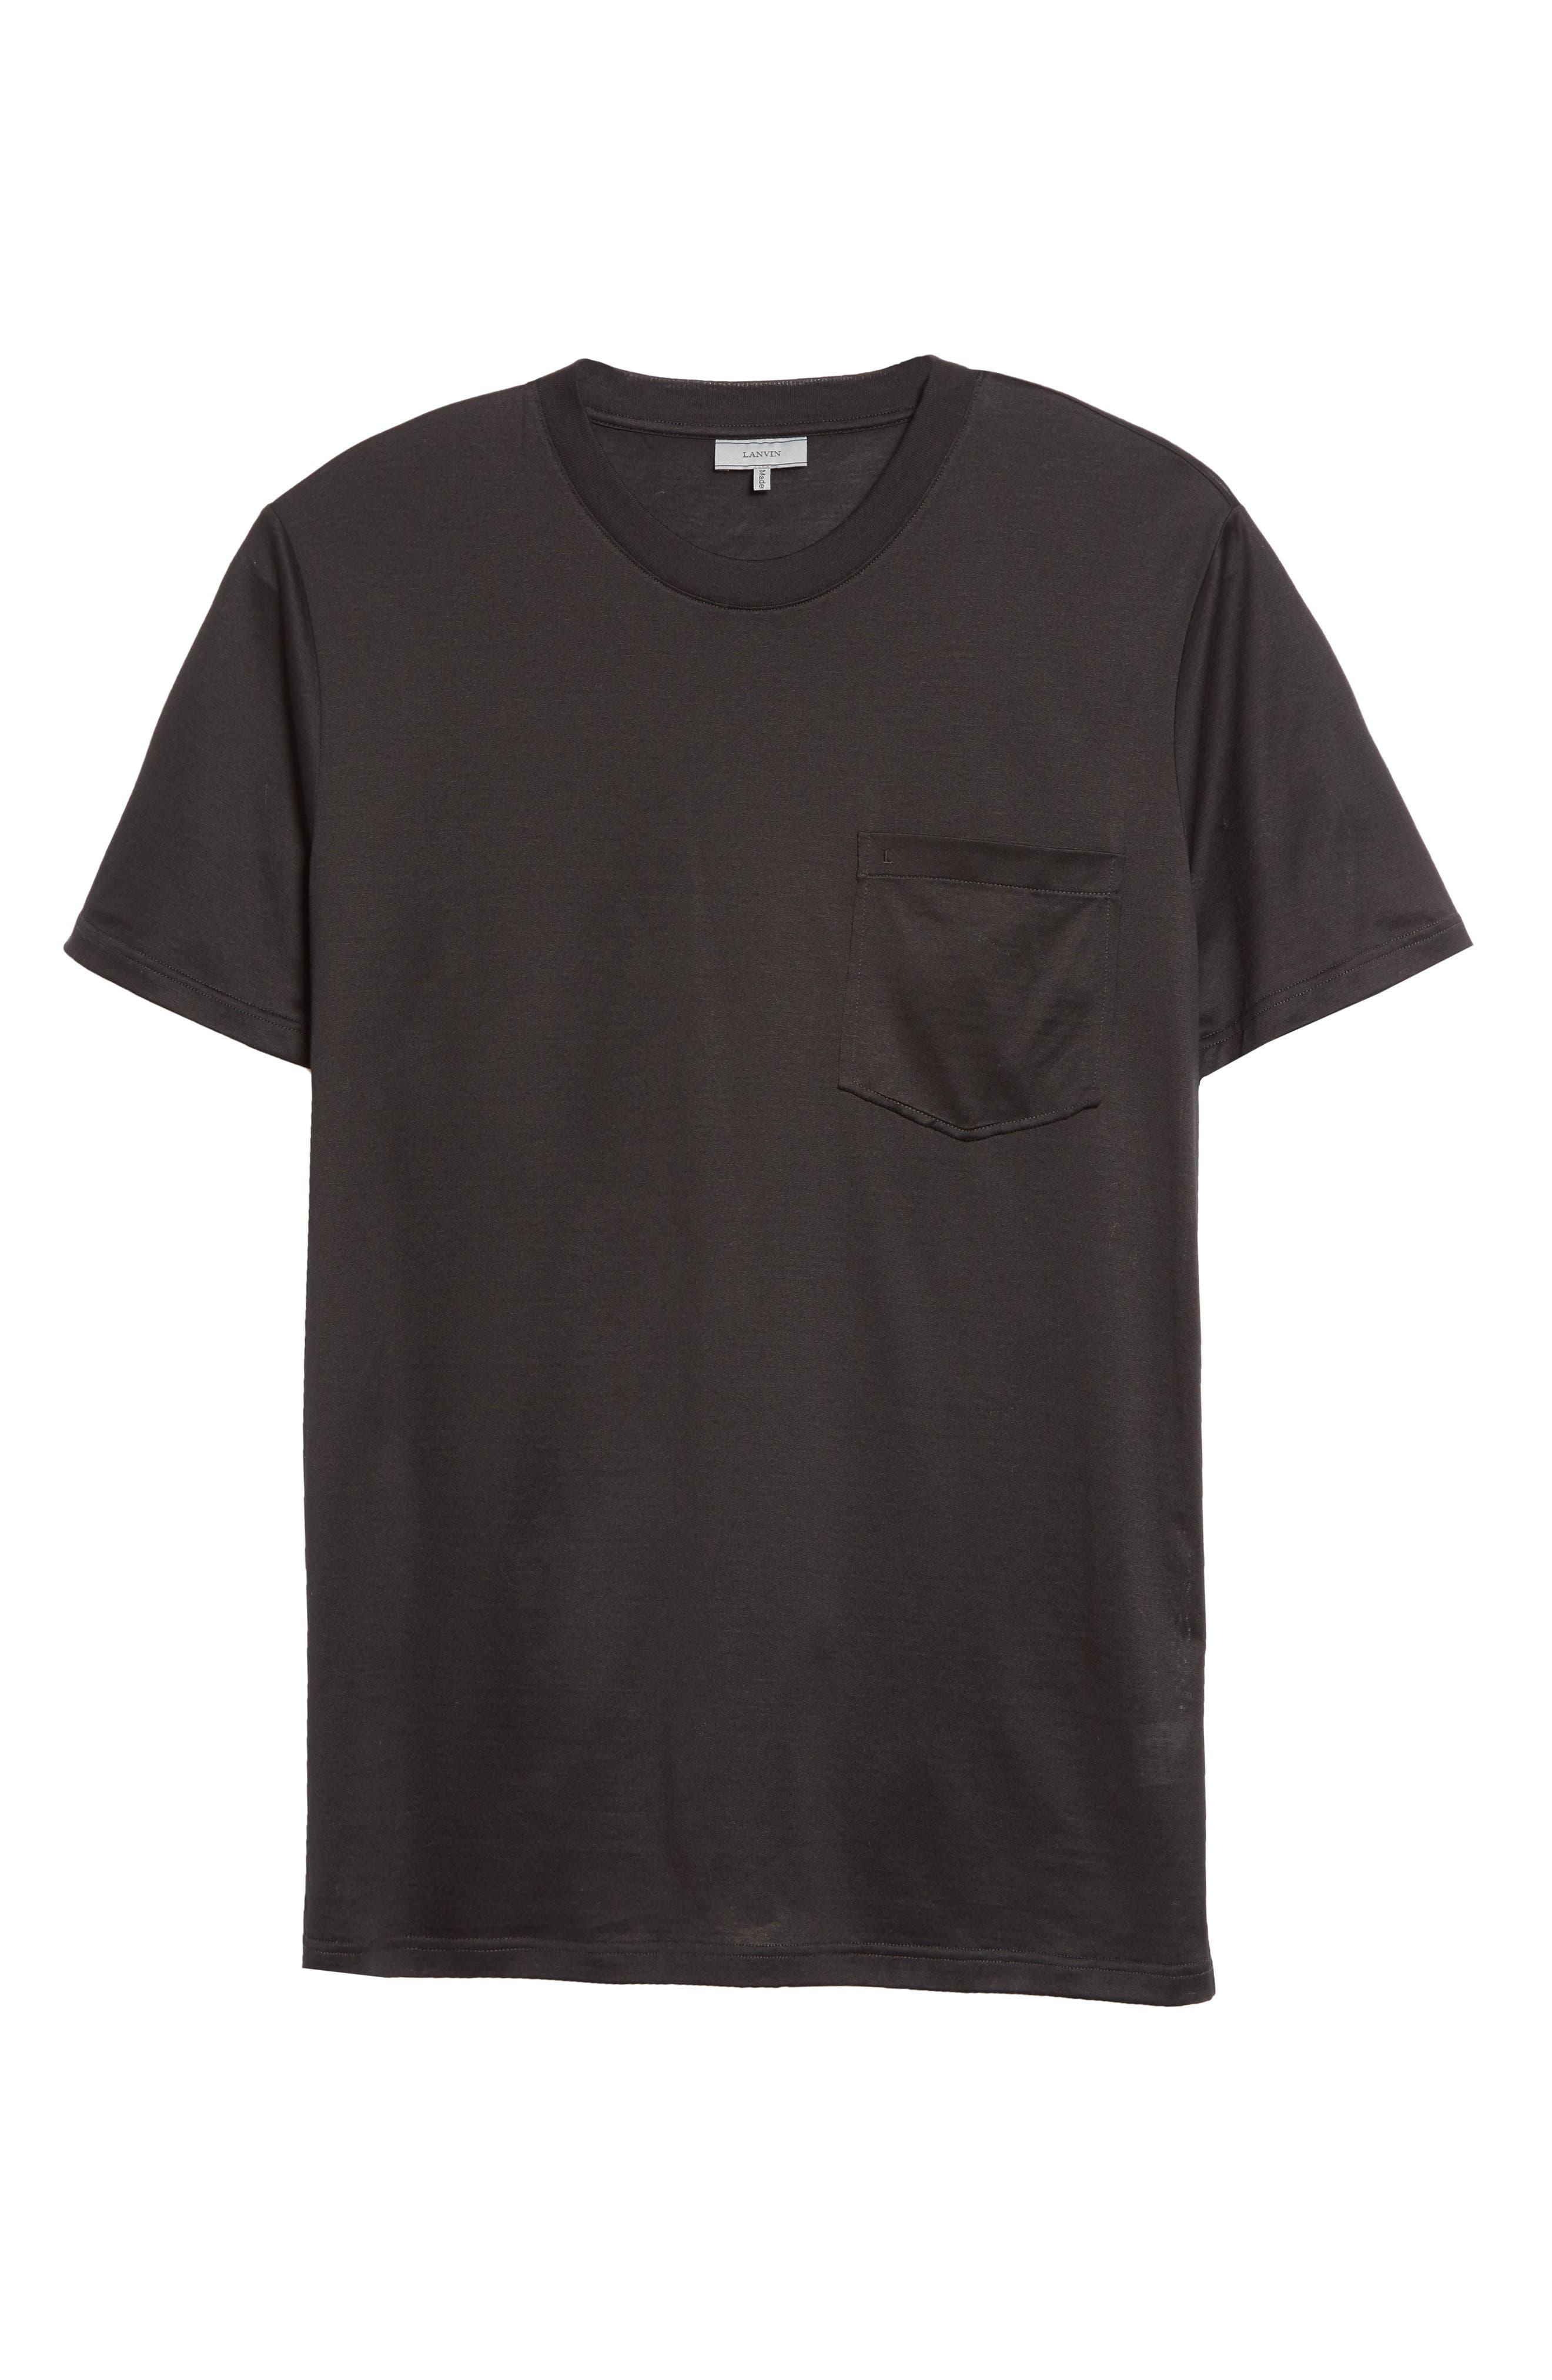 L Pocket T-Shirt,                             Alternate thumbnail 6, color,                             001